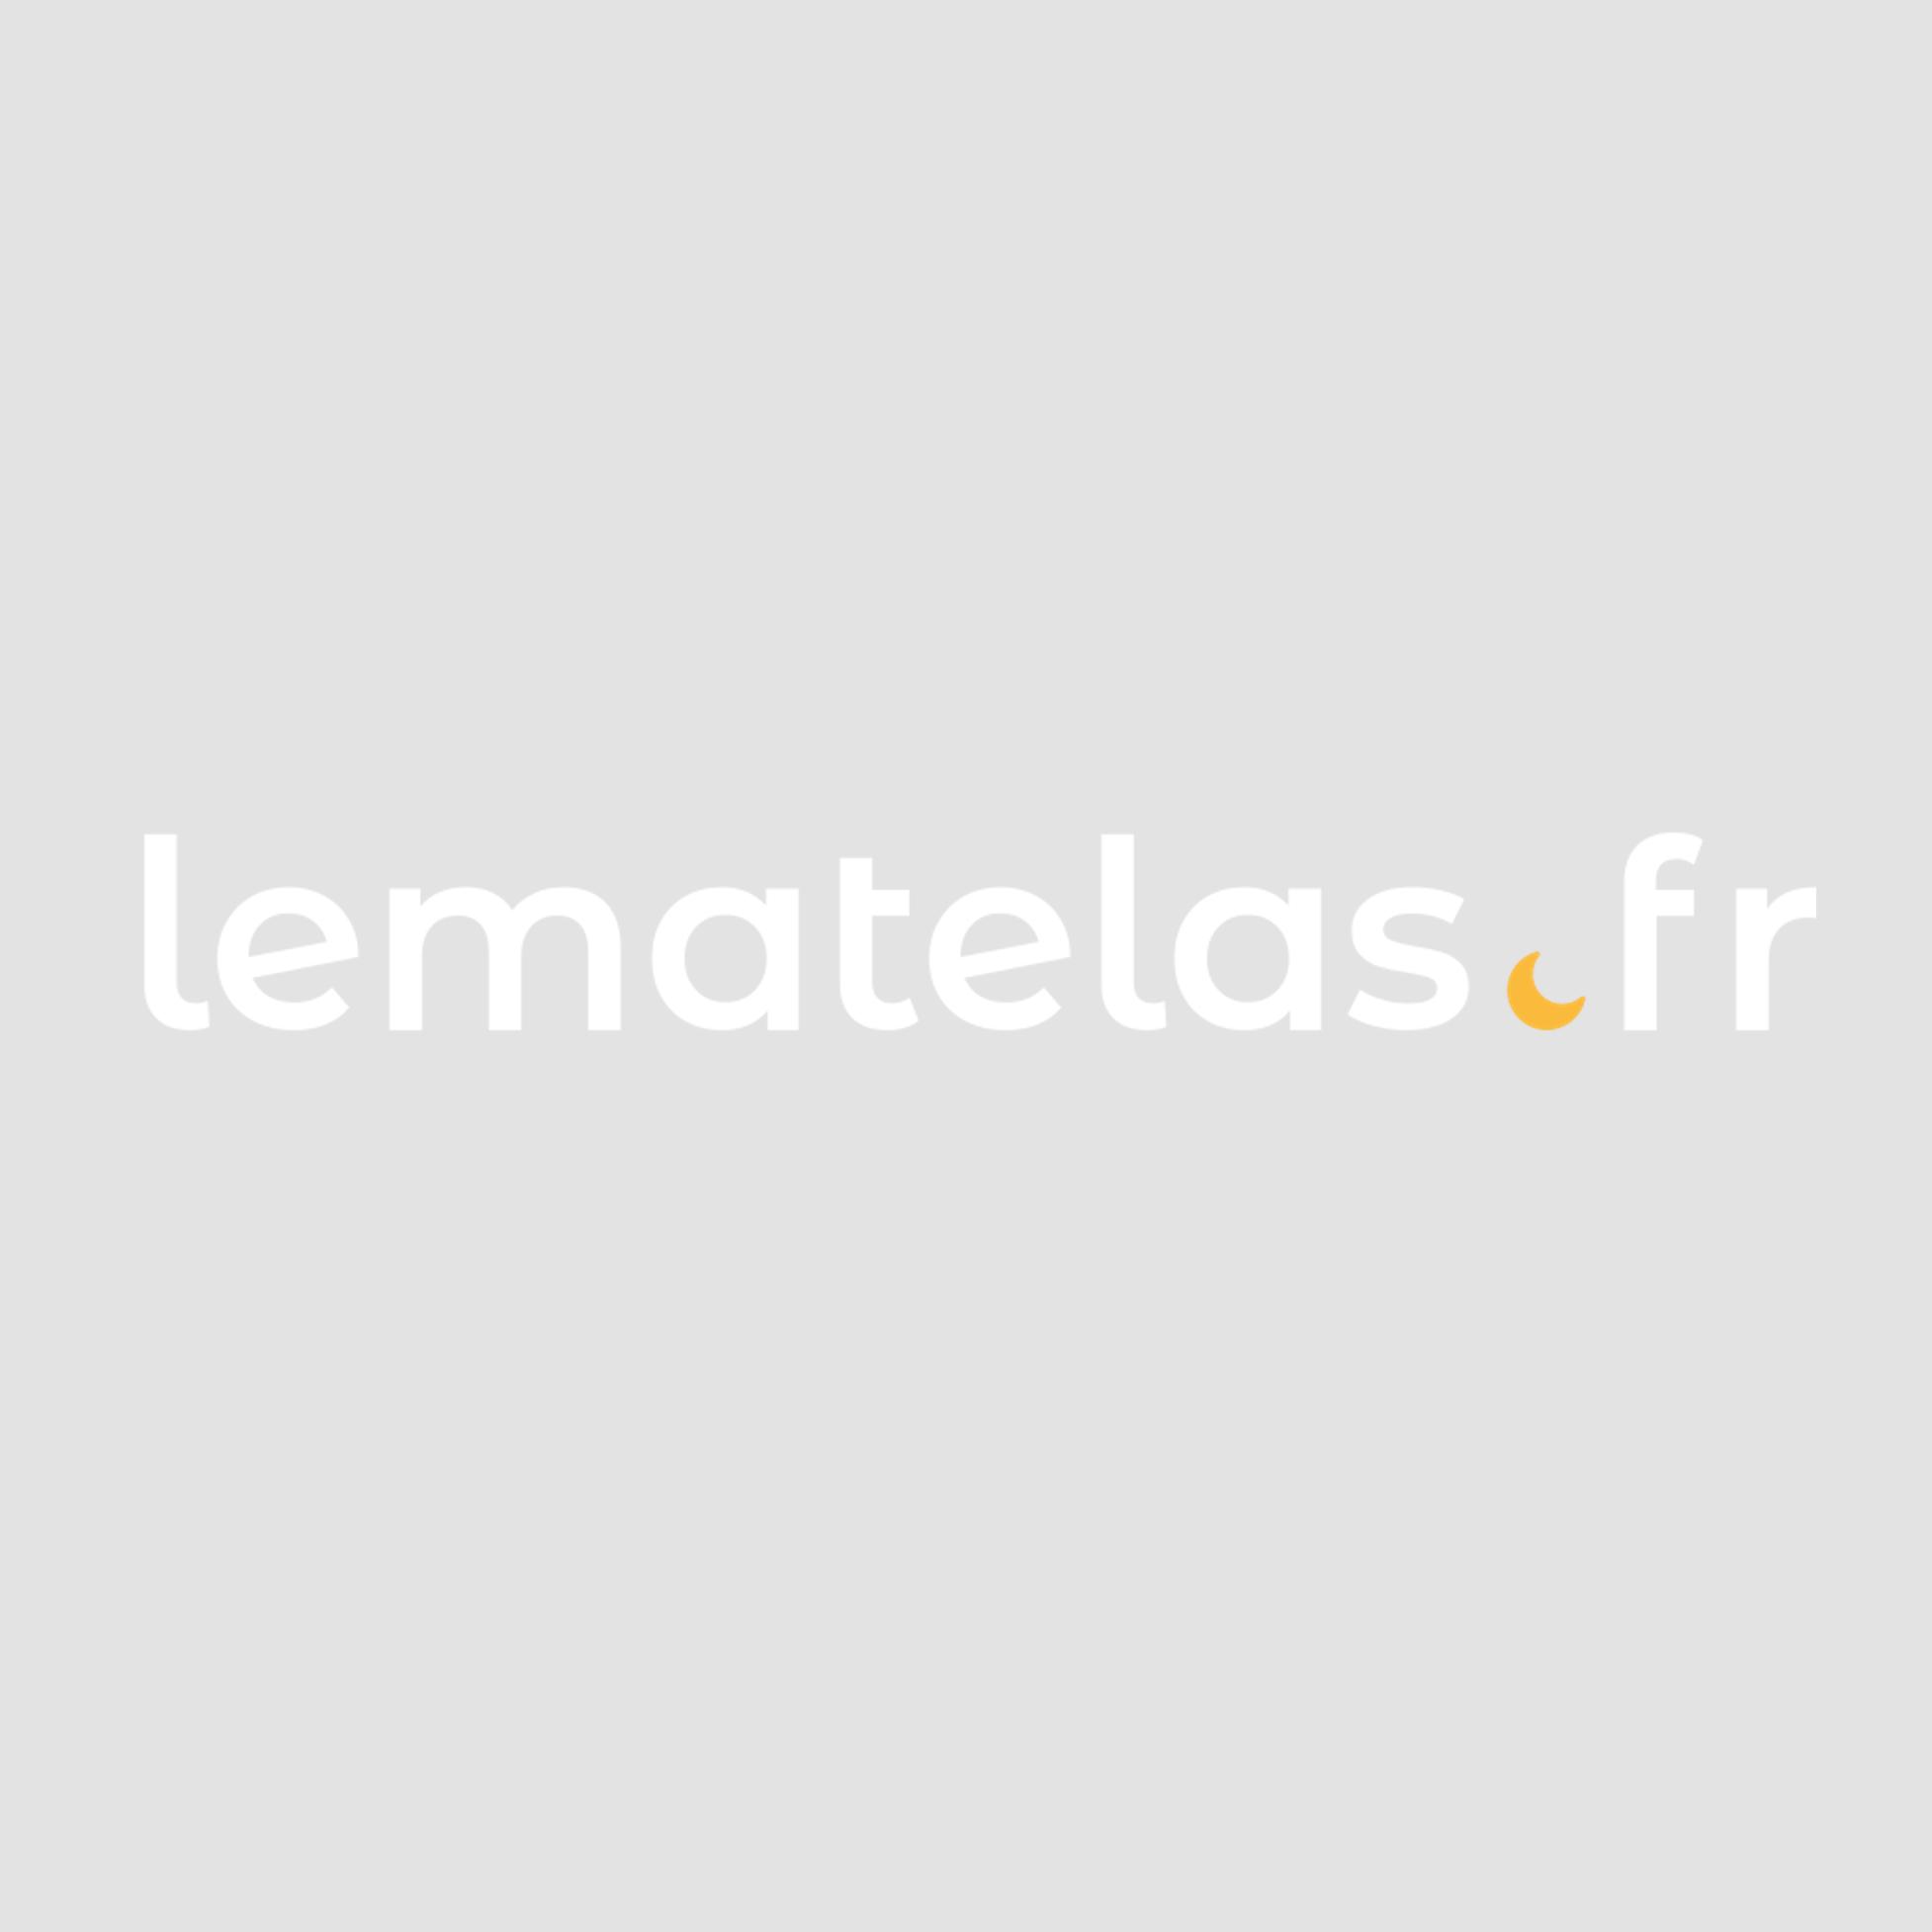 Lot de 2 protège-oreillers Anti Acariens Molleton 100% coton silencieux